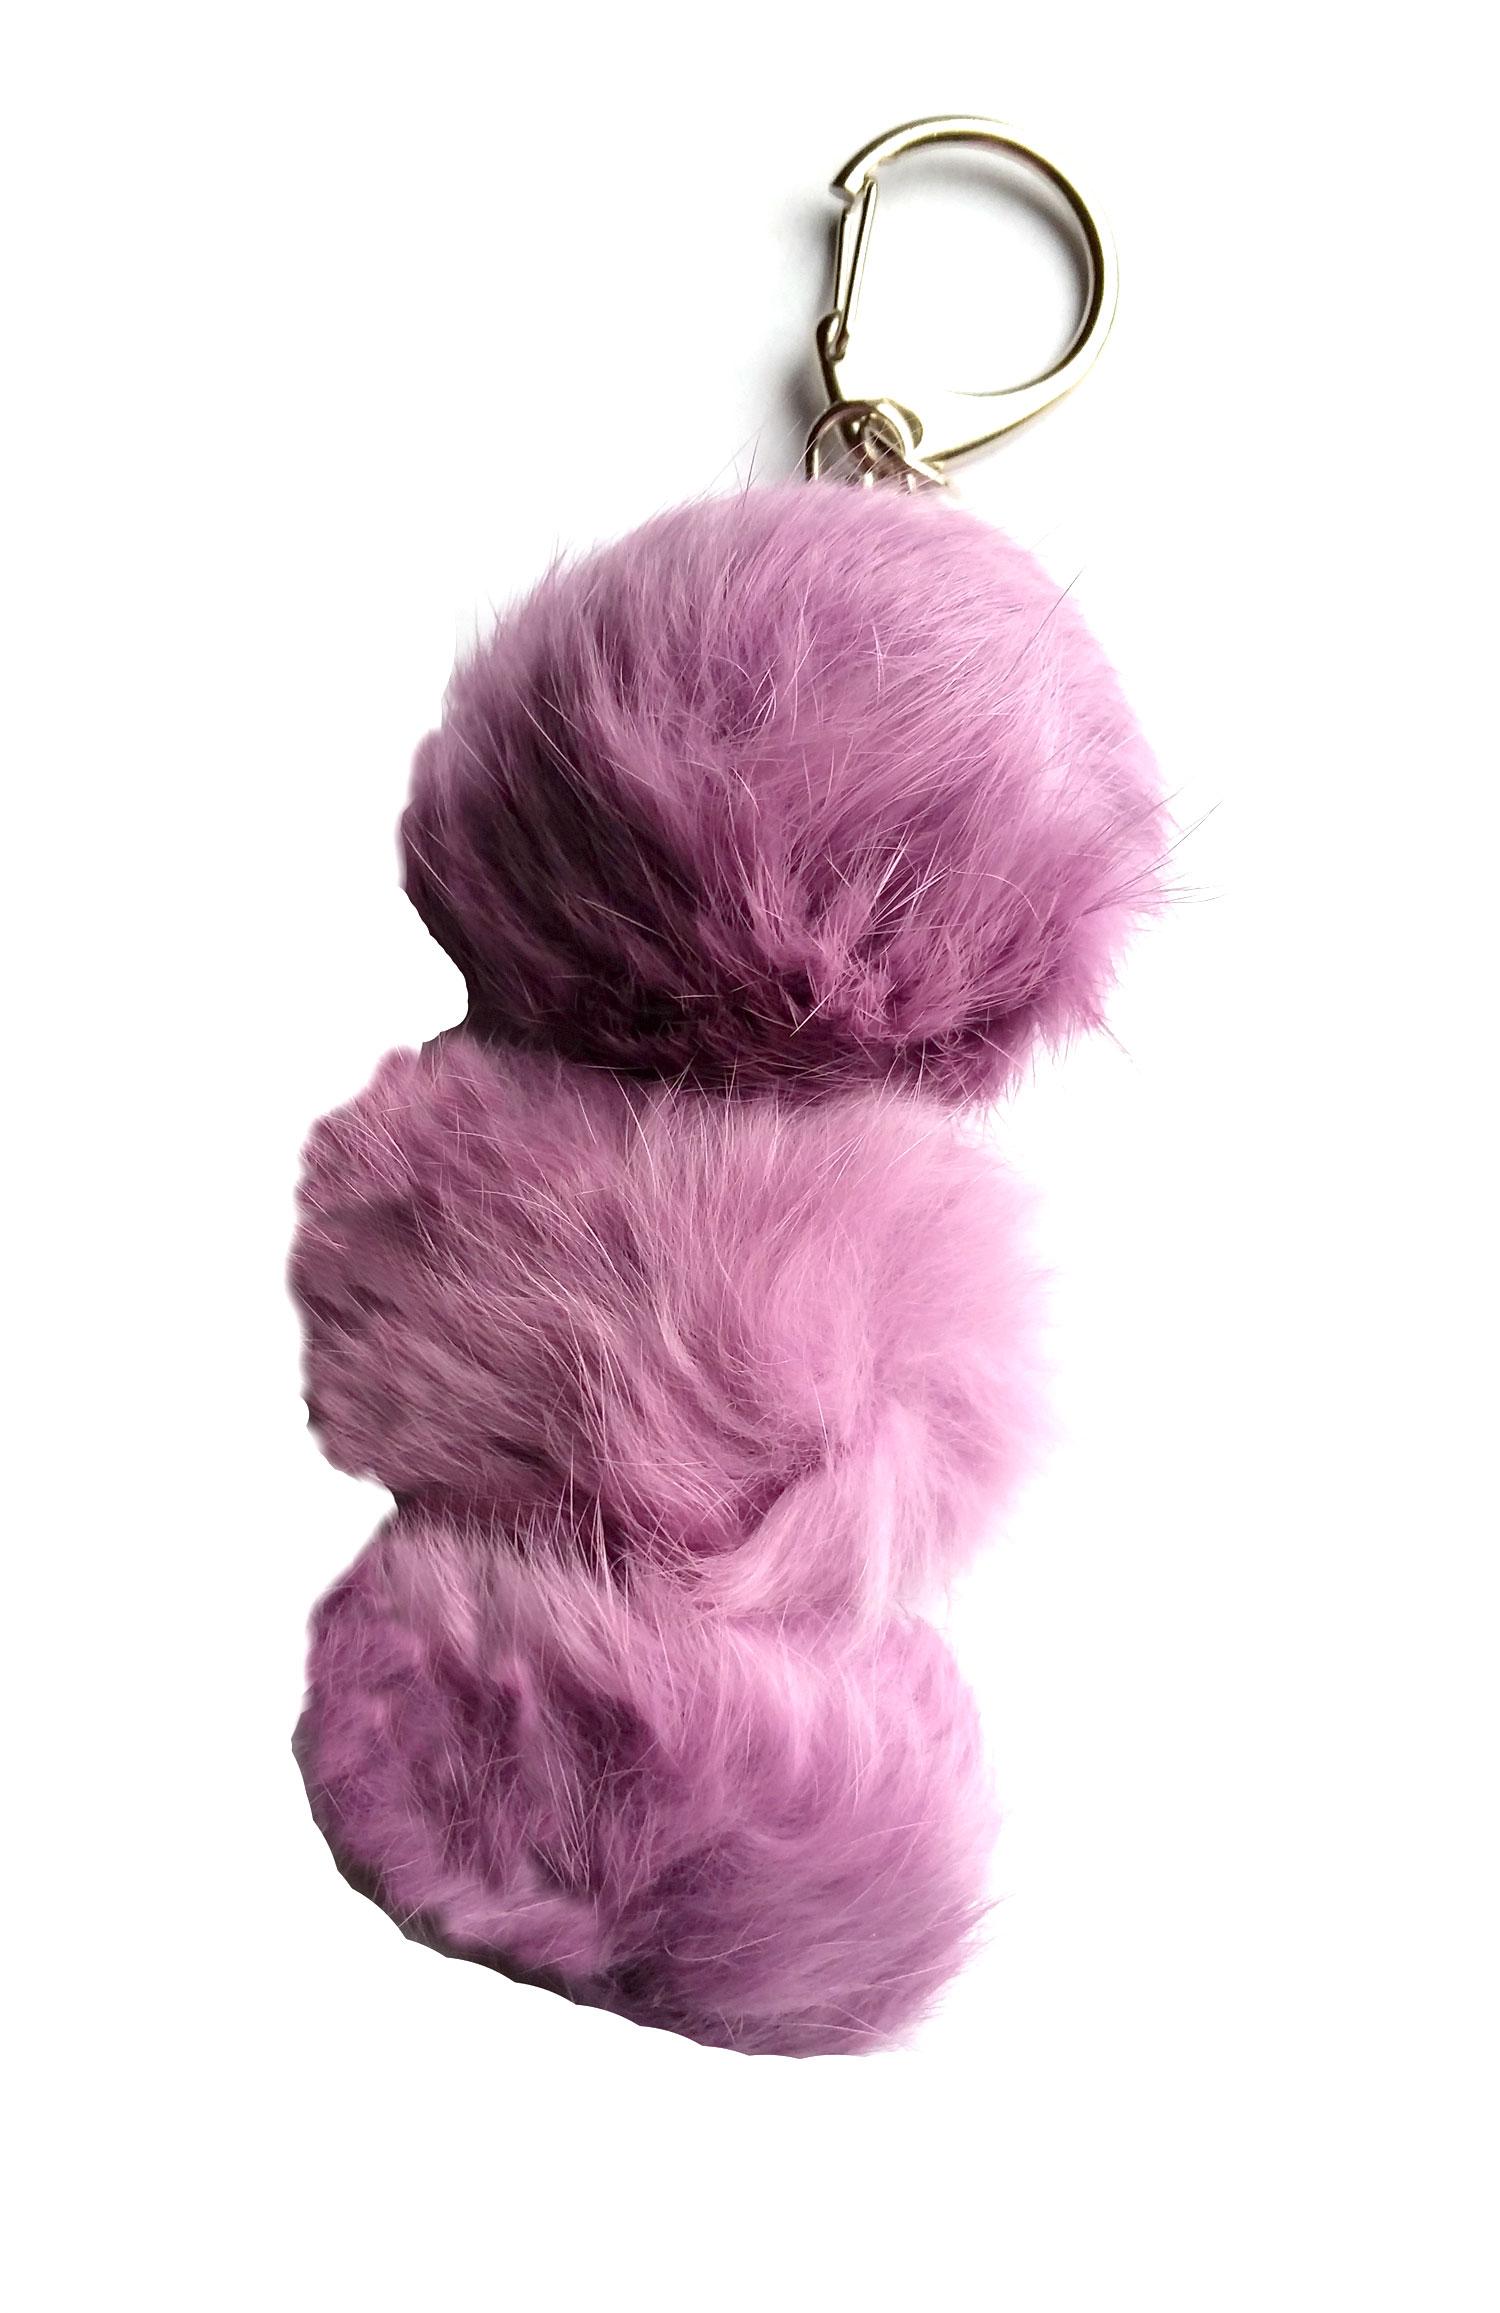 purplekeychain.jpg